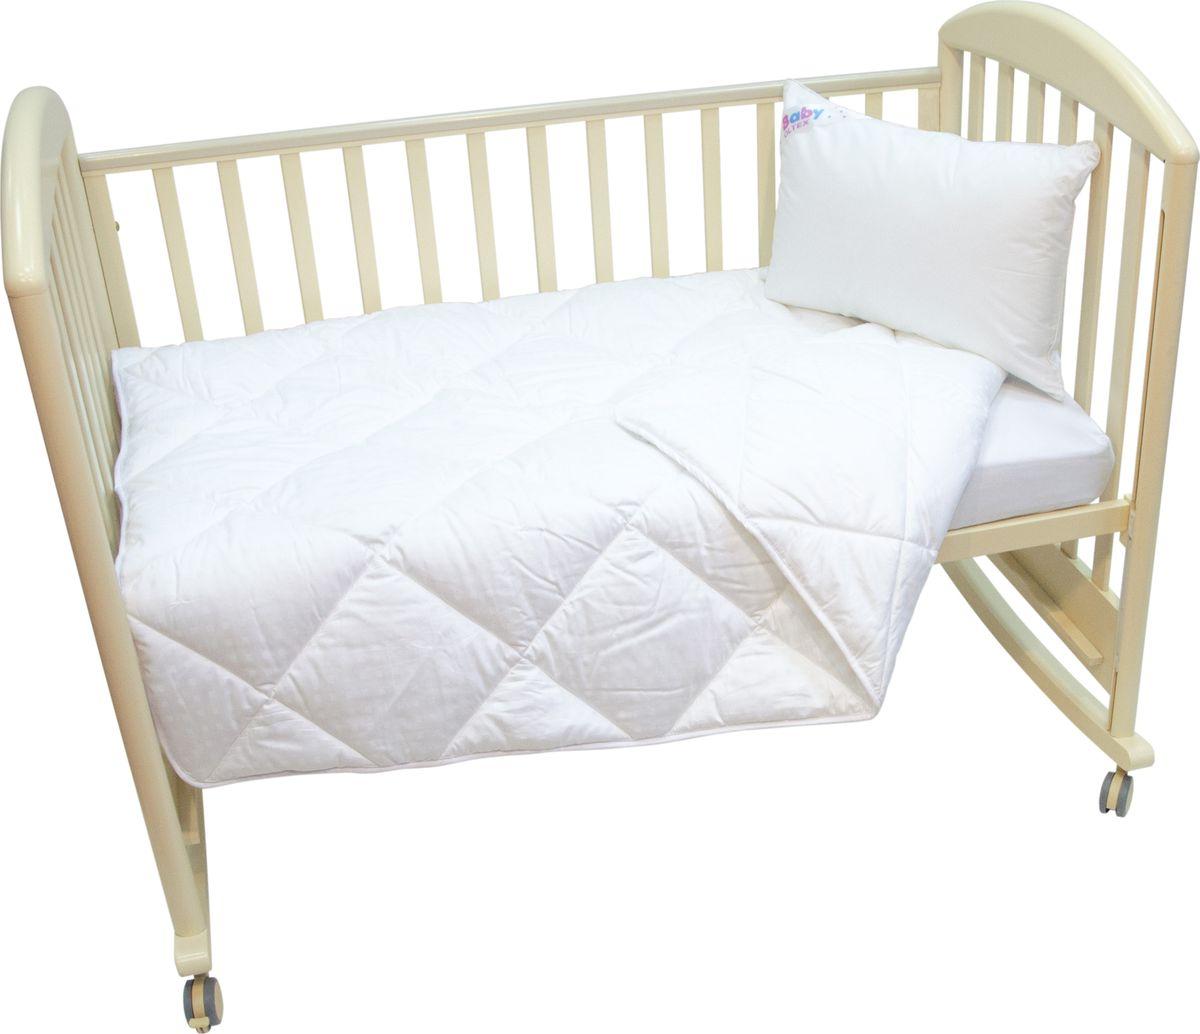 OL-Tex Одеяло детское Baby цвет белый 110 х 140 смБЛС-11-3Одеяло детское Ol-tex BABY подарит здоровый и комфортный сон вашему малышу. Чехол одеяла выполнен из высококачественного пуходержащего тика (100% хлопок). Одеяло оформлено фигурной стежкой и окантовано по краю. Стежка равномерно удерживает наполнитель в чехле, а окантовка сохраняет форму изделия. Наполнитель - микроволокно OL-Tex. Это волокно является усовершенствованным аналогом наполнителя Лебяжий пух. Благодаря уникальной технологии, наполнитель отличается безупречным качеством. Основные свойства наполнителя OL-Tex:- гиппоаллергенный,- особая мягкость и легкость, - отличные терморегулирующие свойства, - практичность и легкий уход.Высококачественный наполнитель способствует свободной циркуляции воздуха, одеяло «дышит», не скапливаются бактерии, запахи и влага.